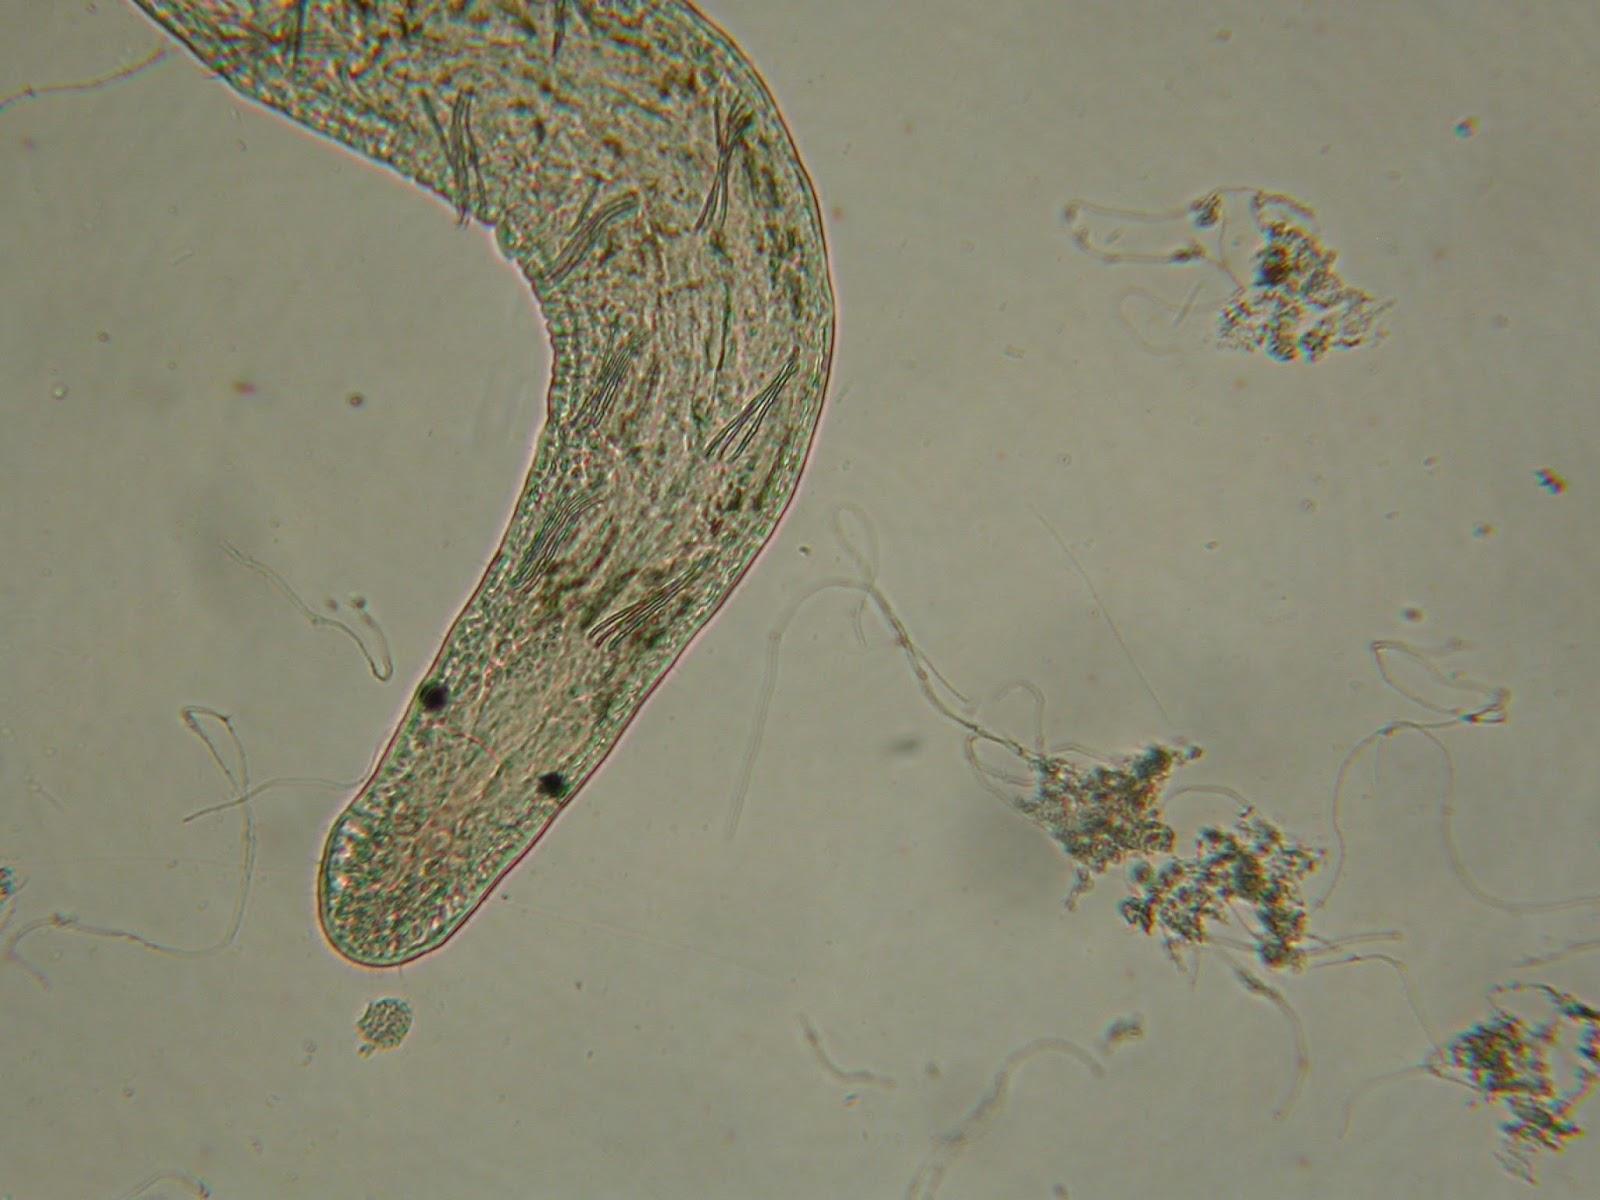 hogyan lehet megszabadulni az izmokban élő parazitáktól